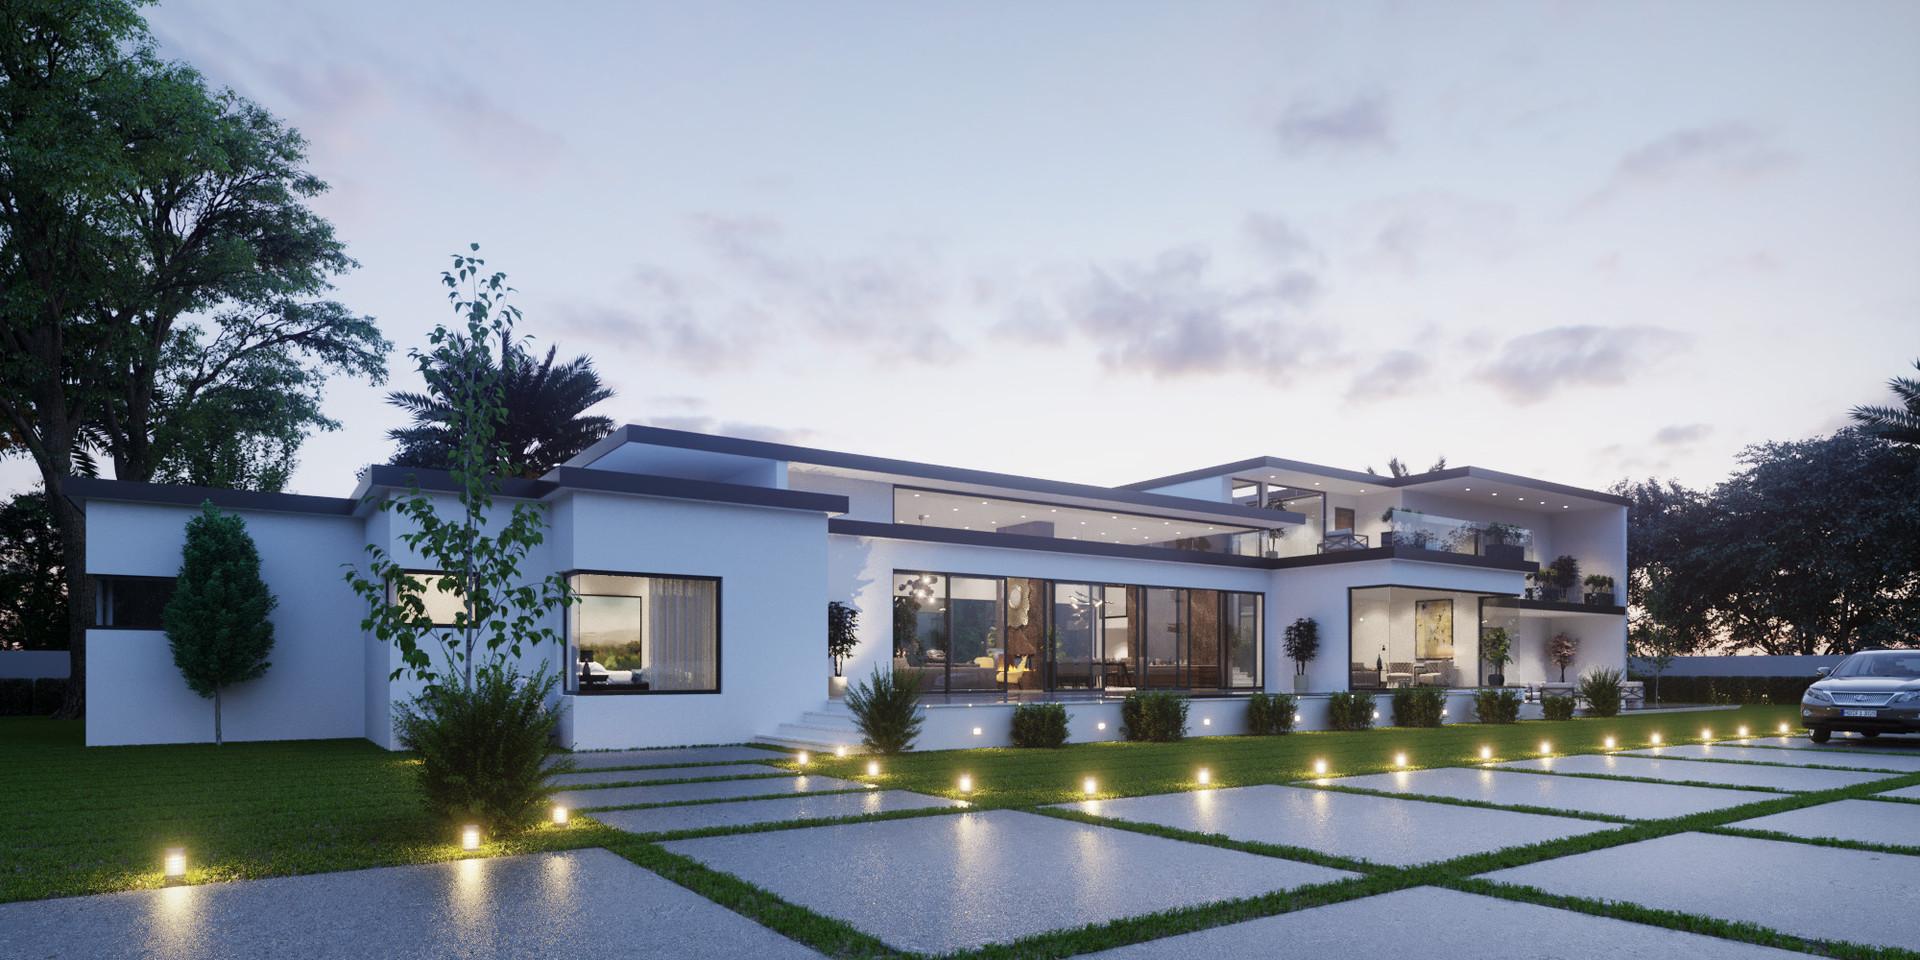 3D_renders_exteriors_house02_4.jpg